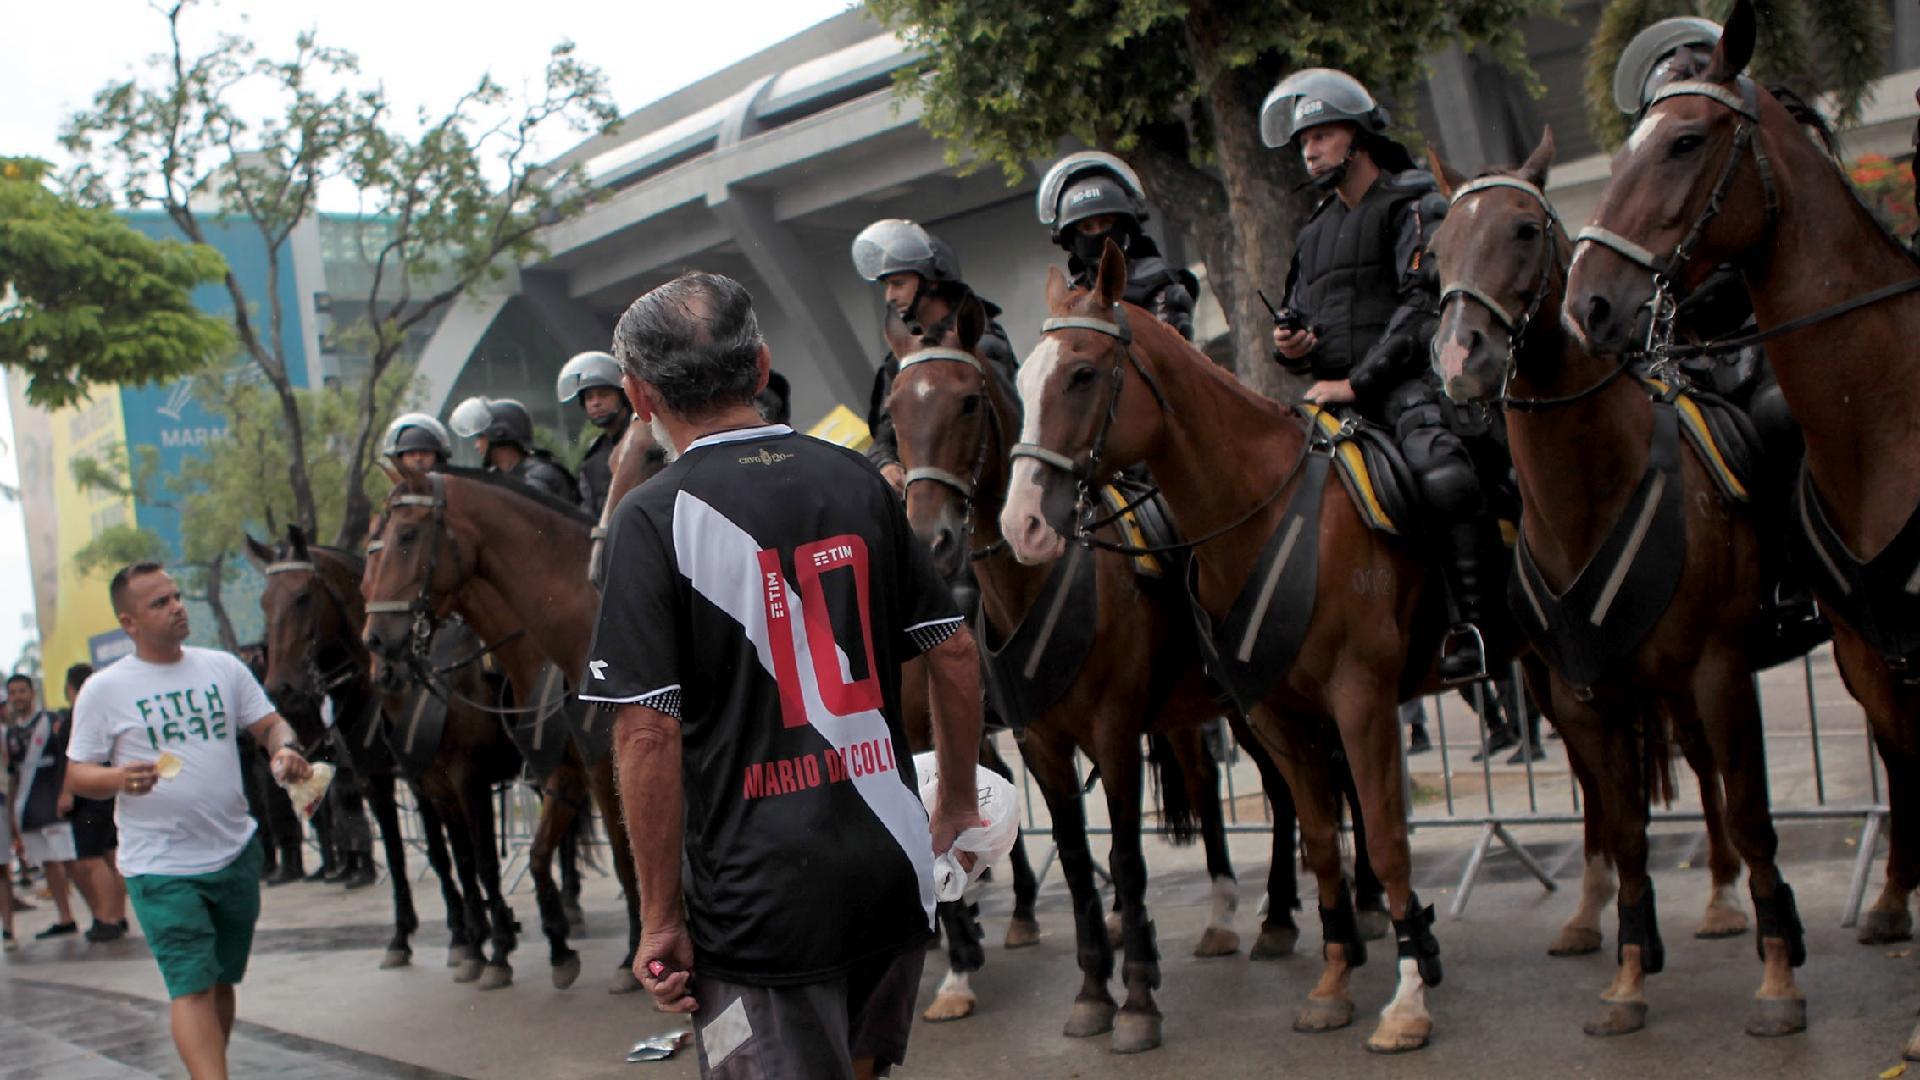 Torcedores esperam do lado de fora do Maracanã decisão da Justiça sobre portões fechados